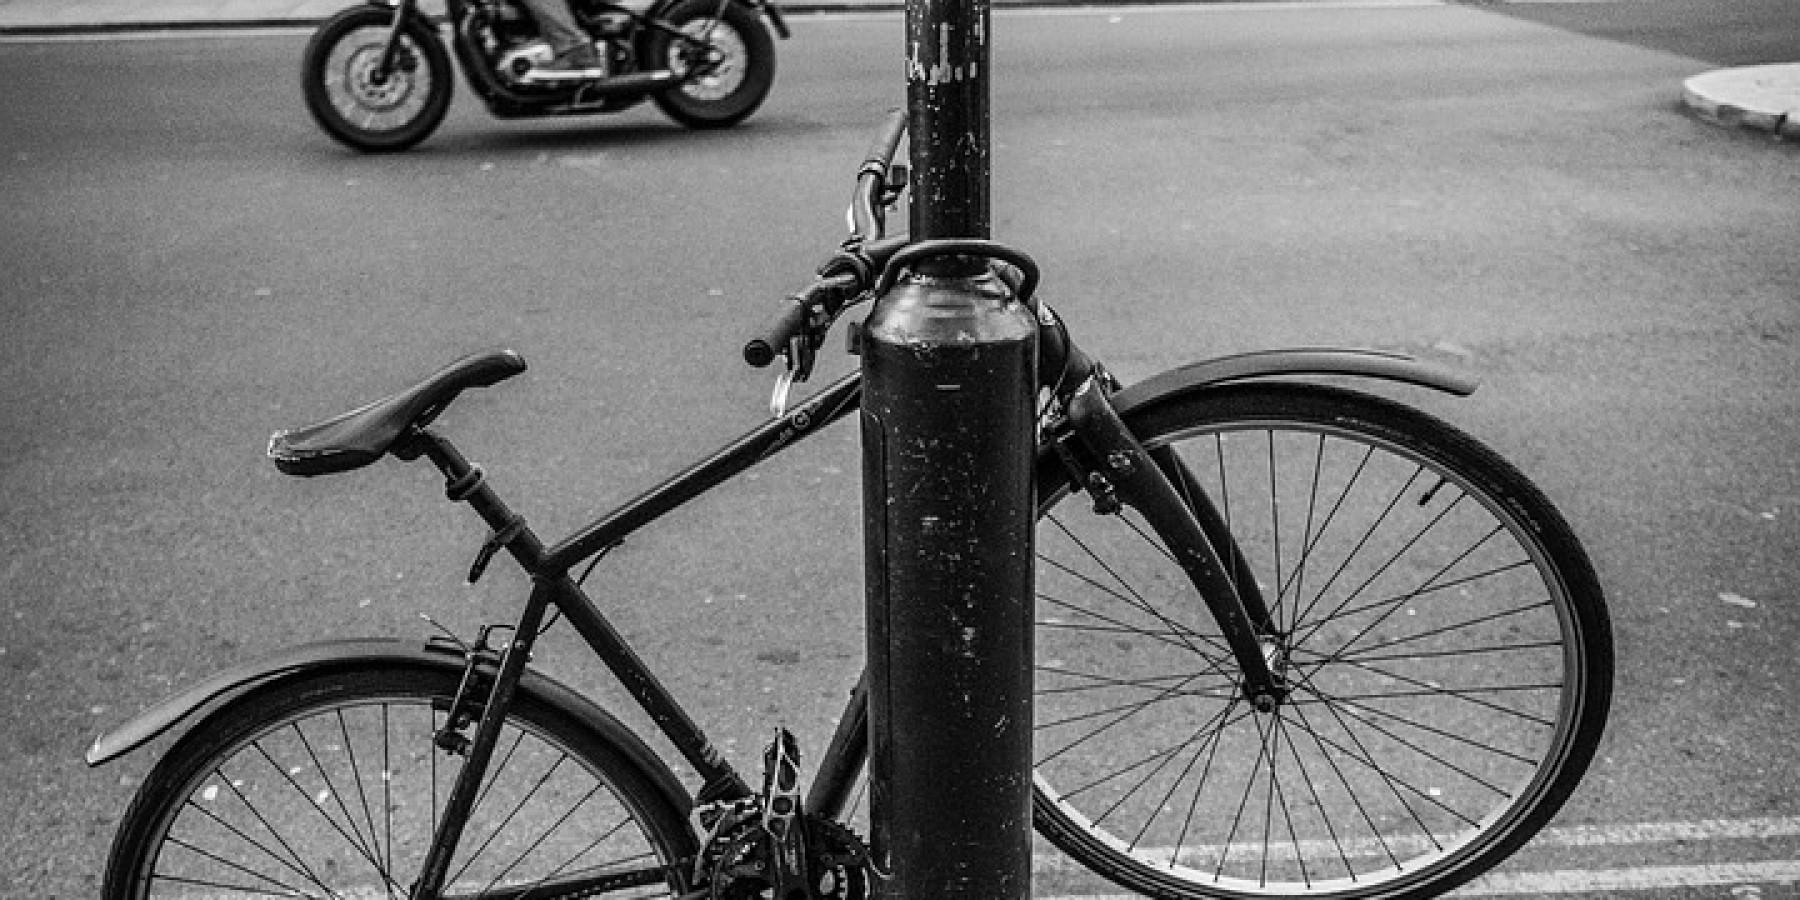 Aufmerksamer Zeuge verhindert Fahrraddiebstahl – Polizisten finden Drogen bei Tatverdächtigem